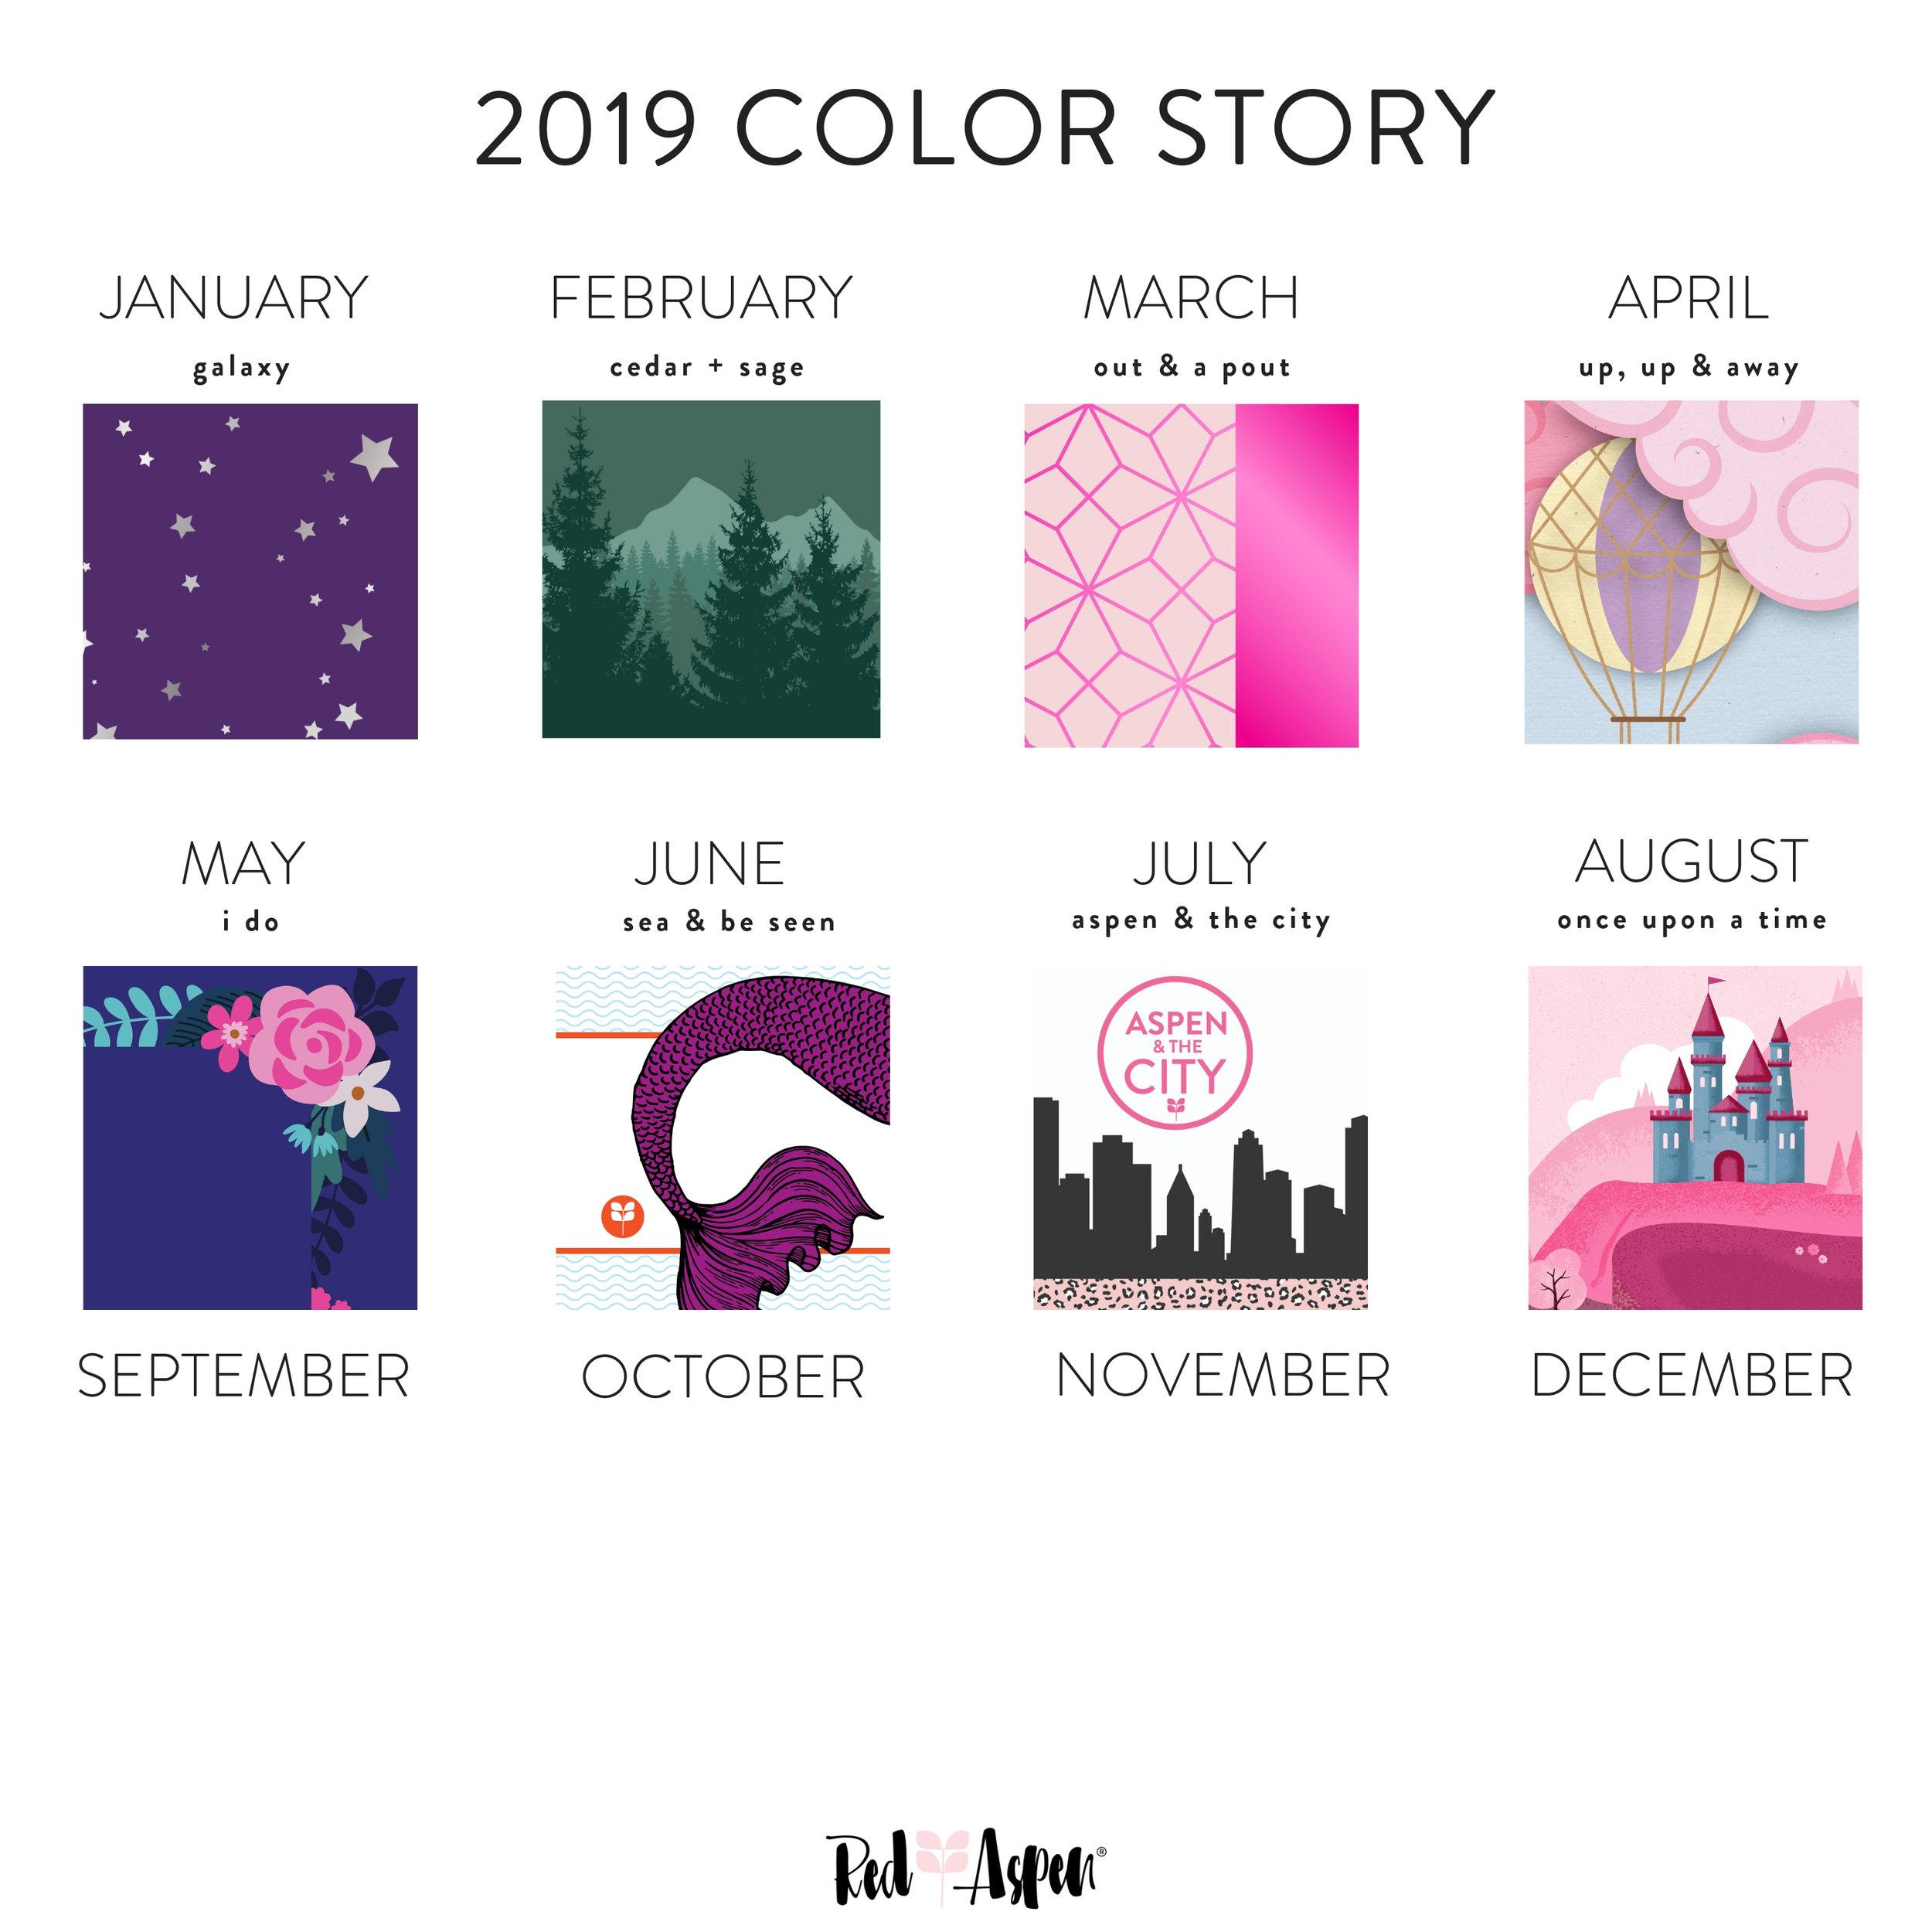 Red Aspen 2019 Color Story Calendar.jpg